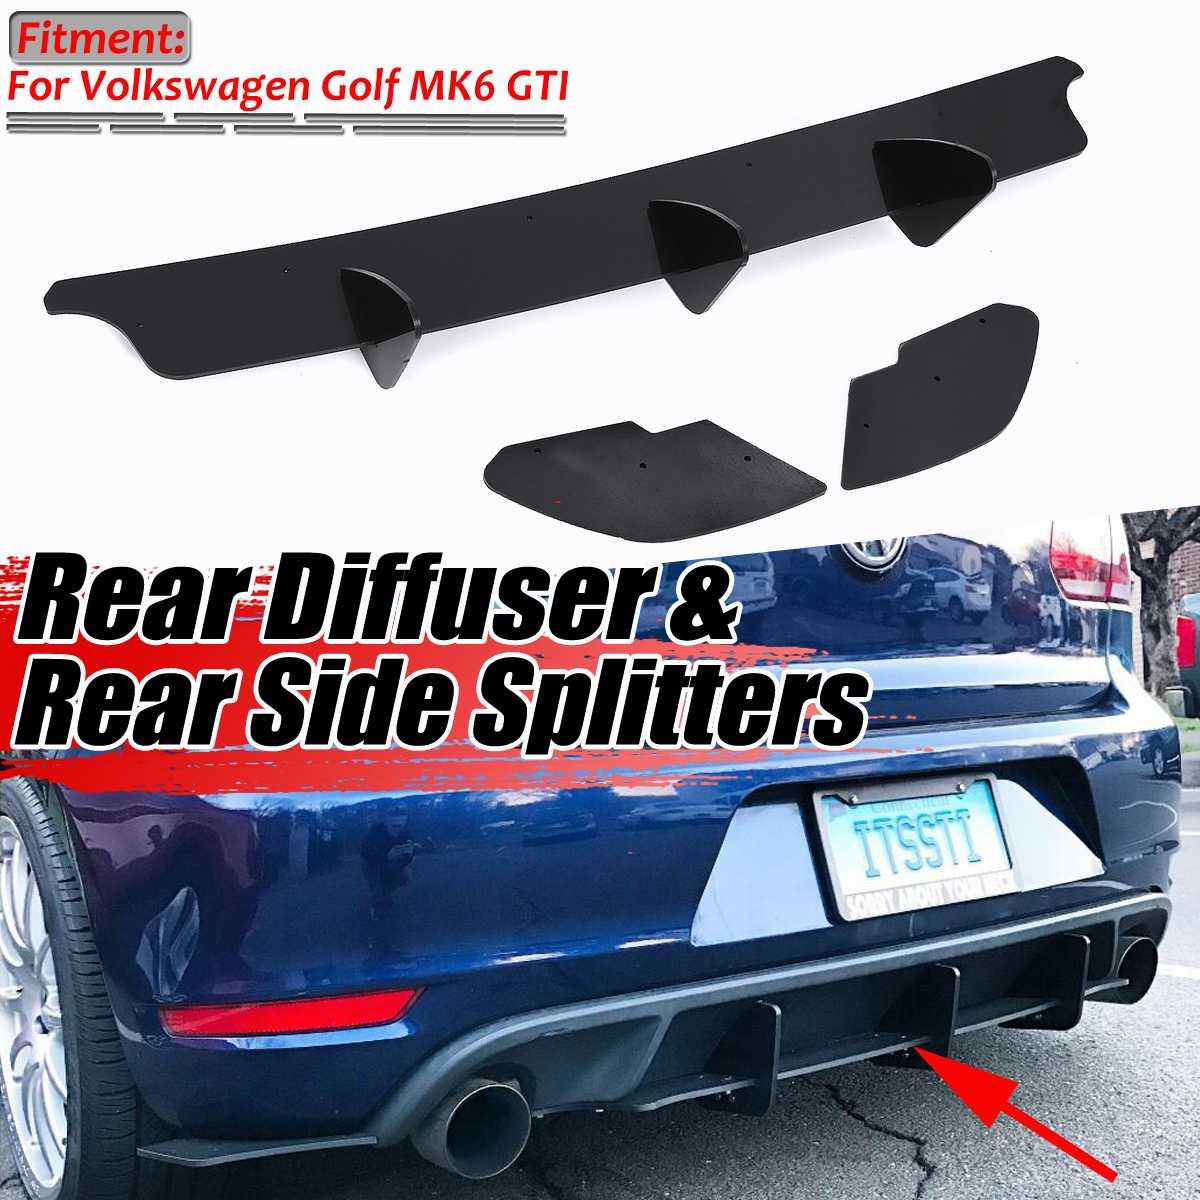 GTI için araba arka tampon difüzör ve arka yan bölücü Spoiler Guard VW için Volkswagen için MK6 GTI /MK7 GTI/MK7.5 GTI